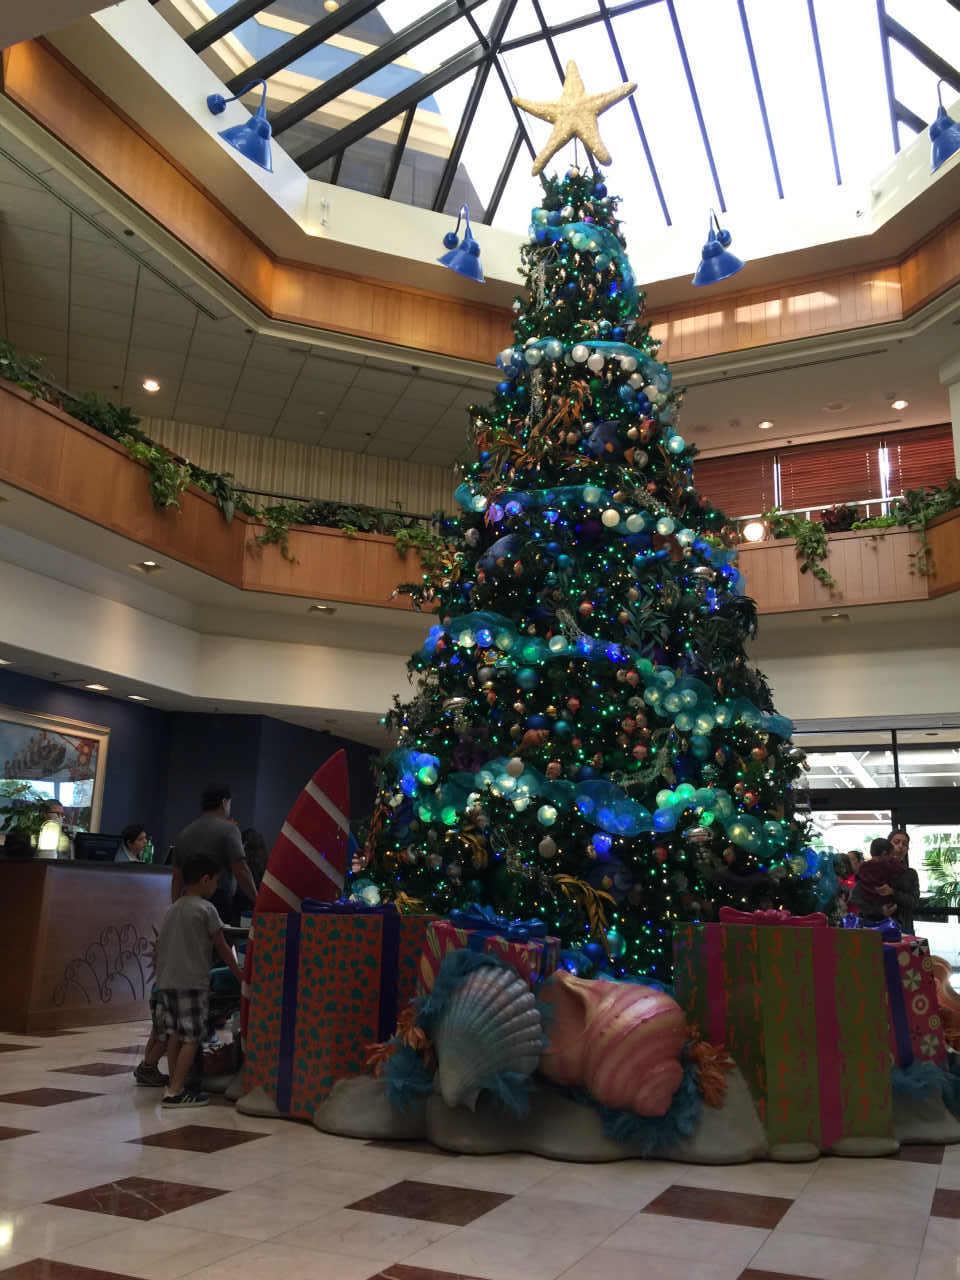 サーフボードを抱えたグーフィーはクリスマスツリーに大変身!